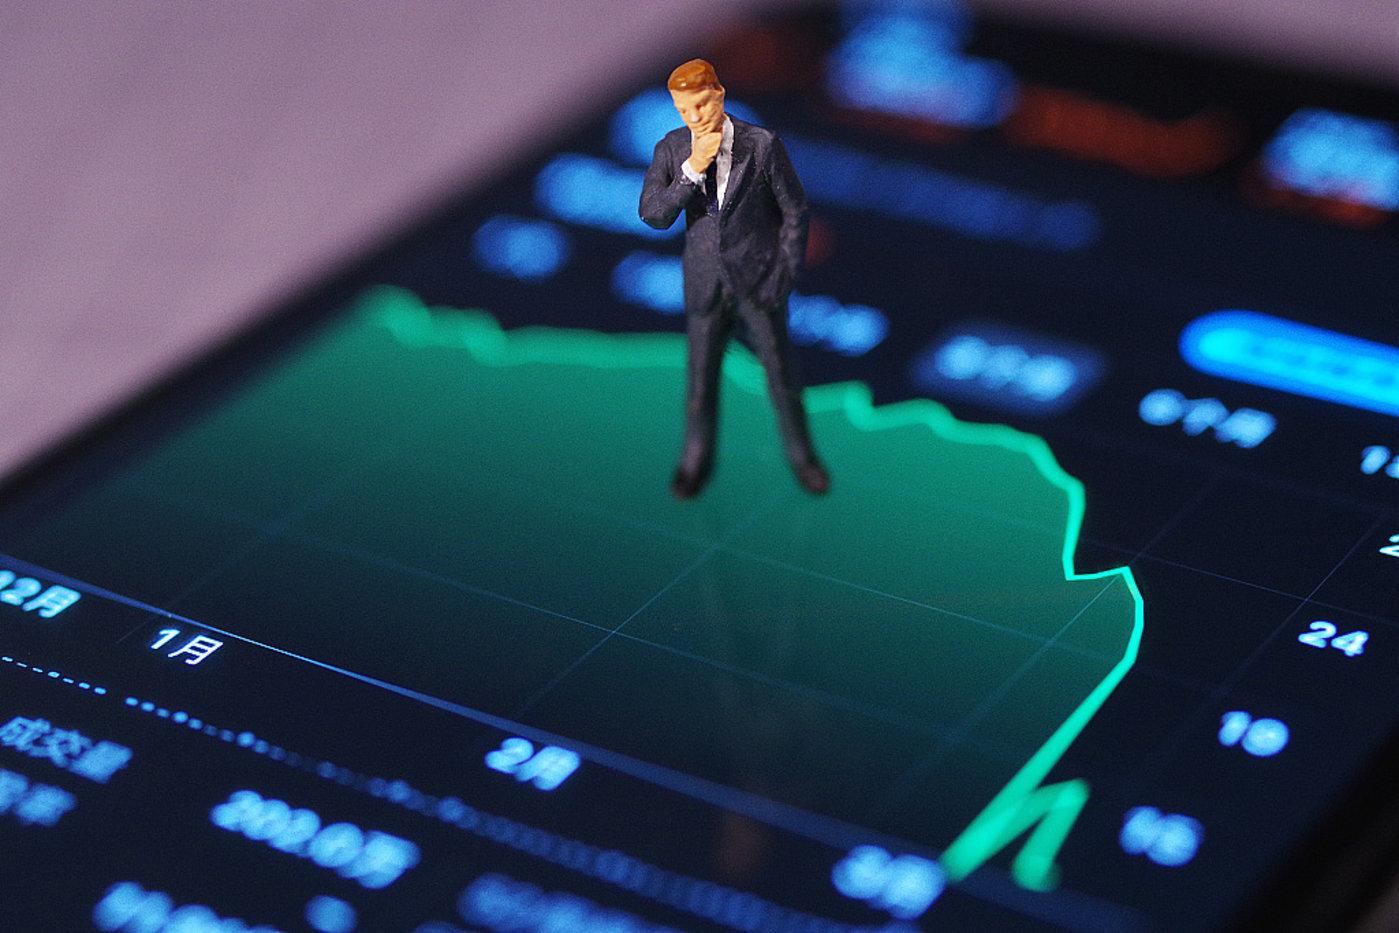 美国股市暴跌:科技股遭重挫,新能源汽车股跌幅最大